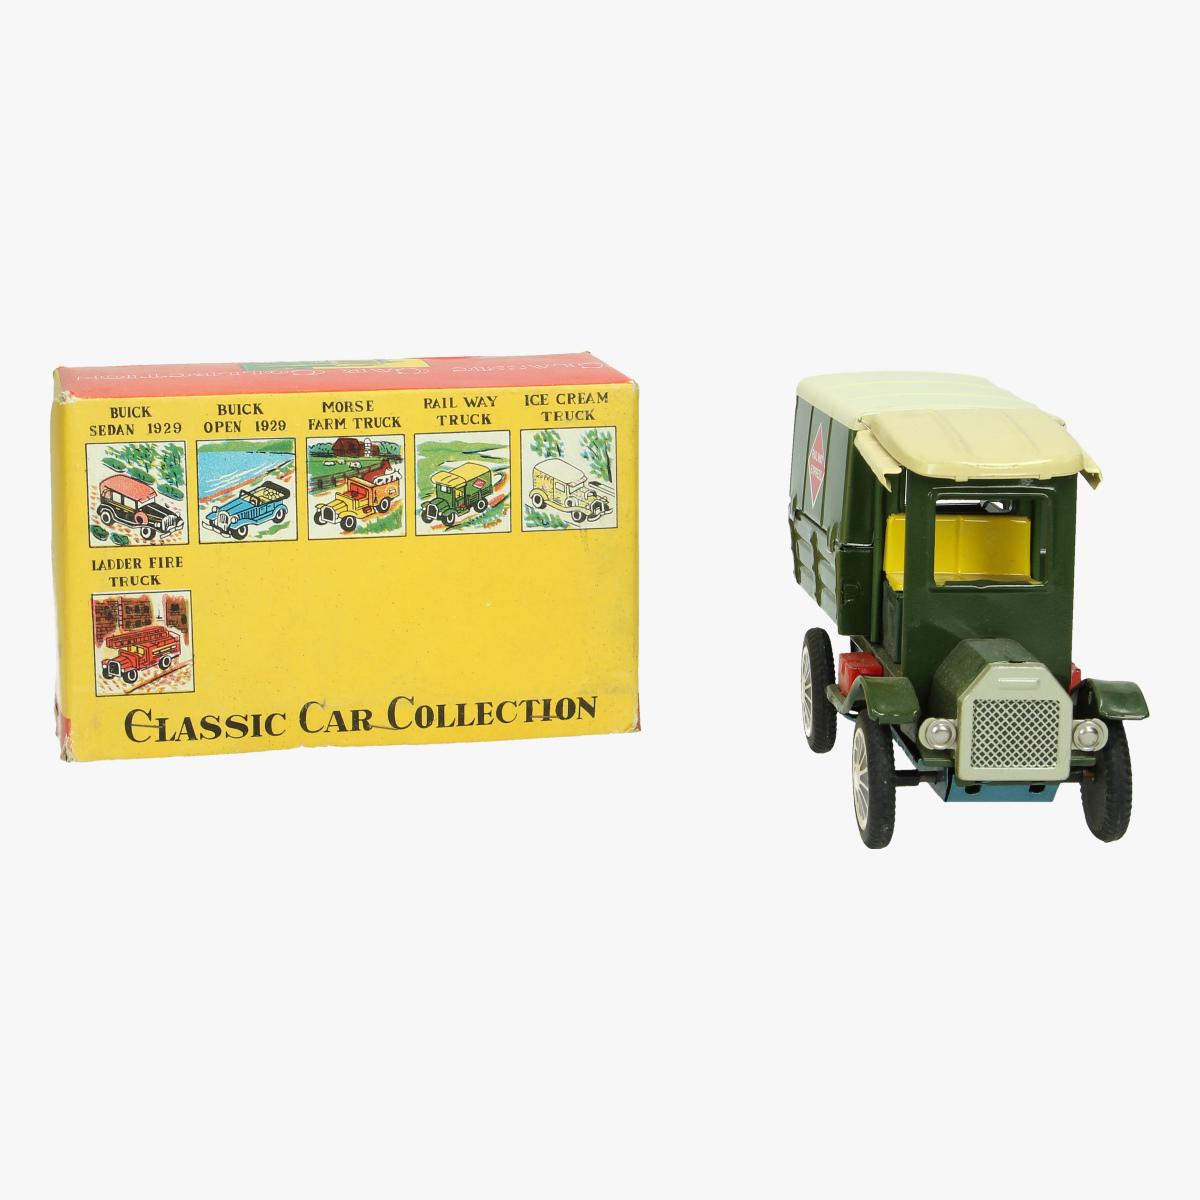 Afbeeldingen van rail way truck classic car collections made in japan